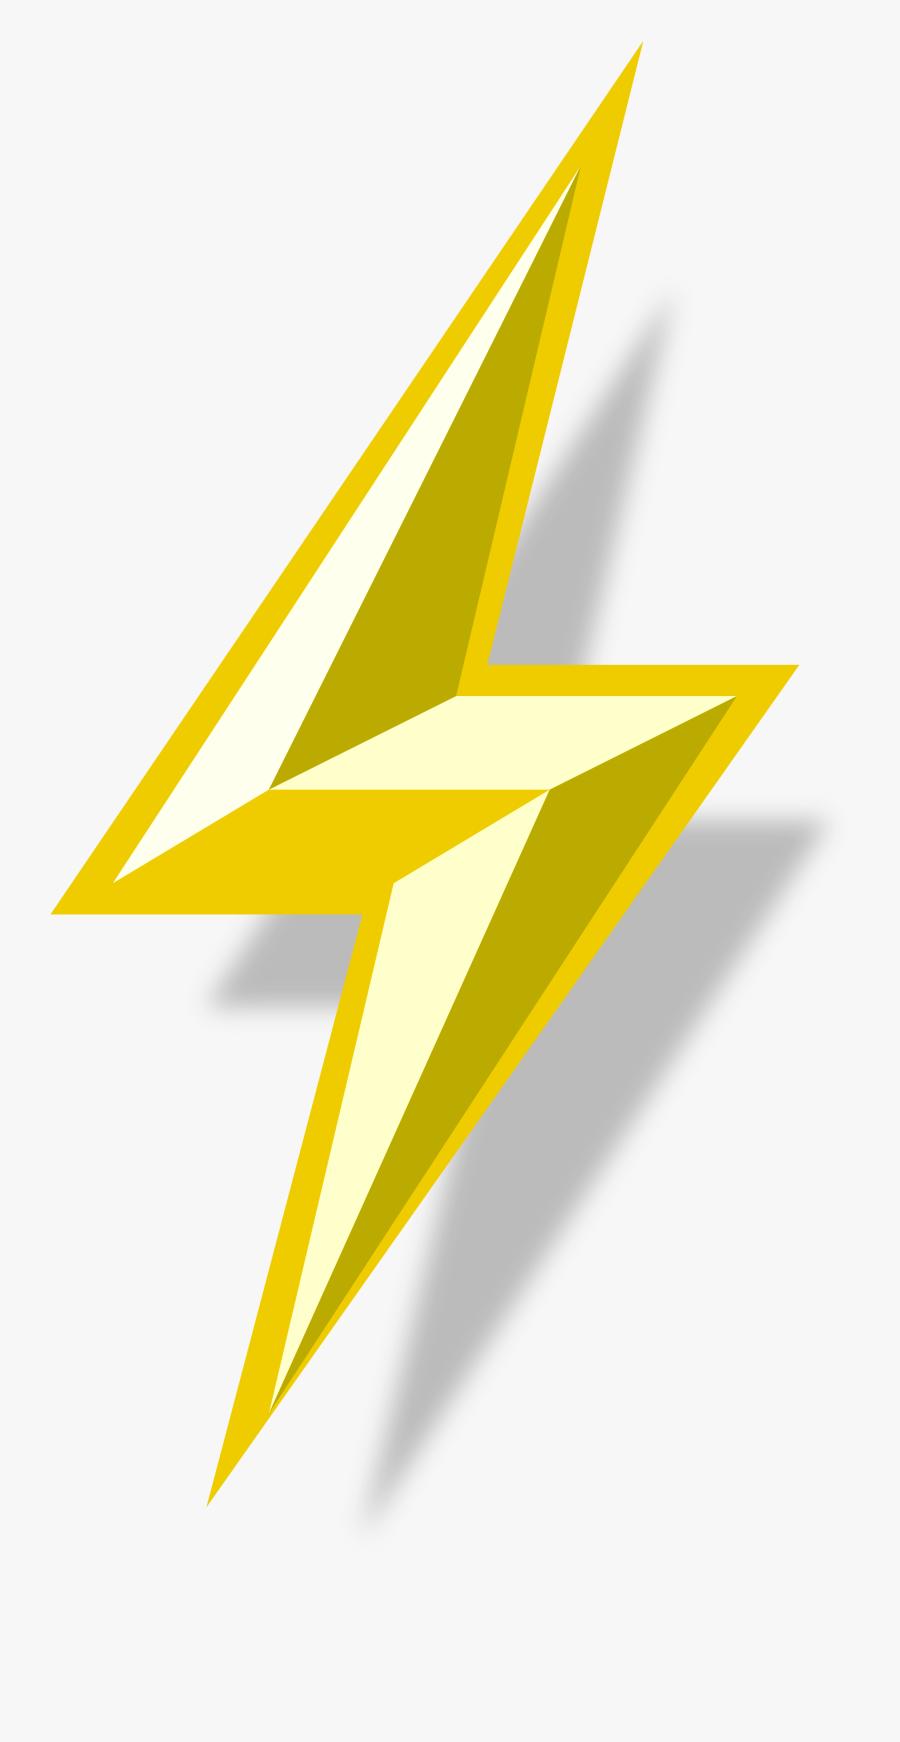 Clip Art Image Of Lightning Bolt - Transparent Lightning Bolt Vector, Transparent Clipart